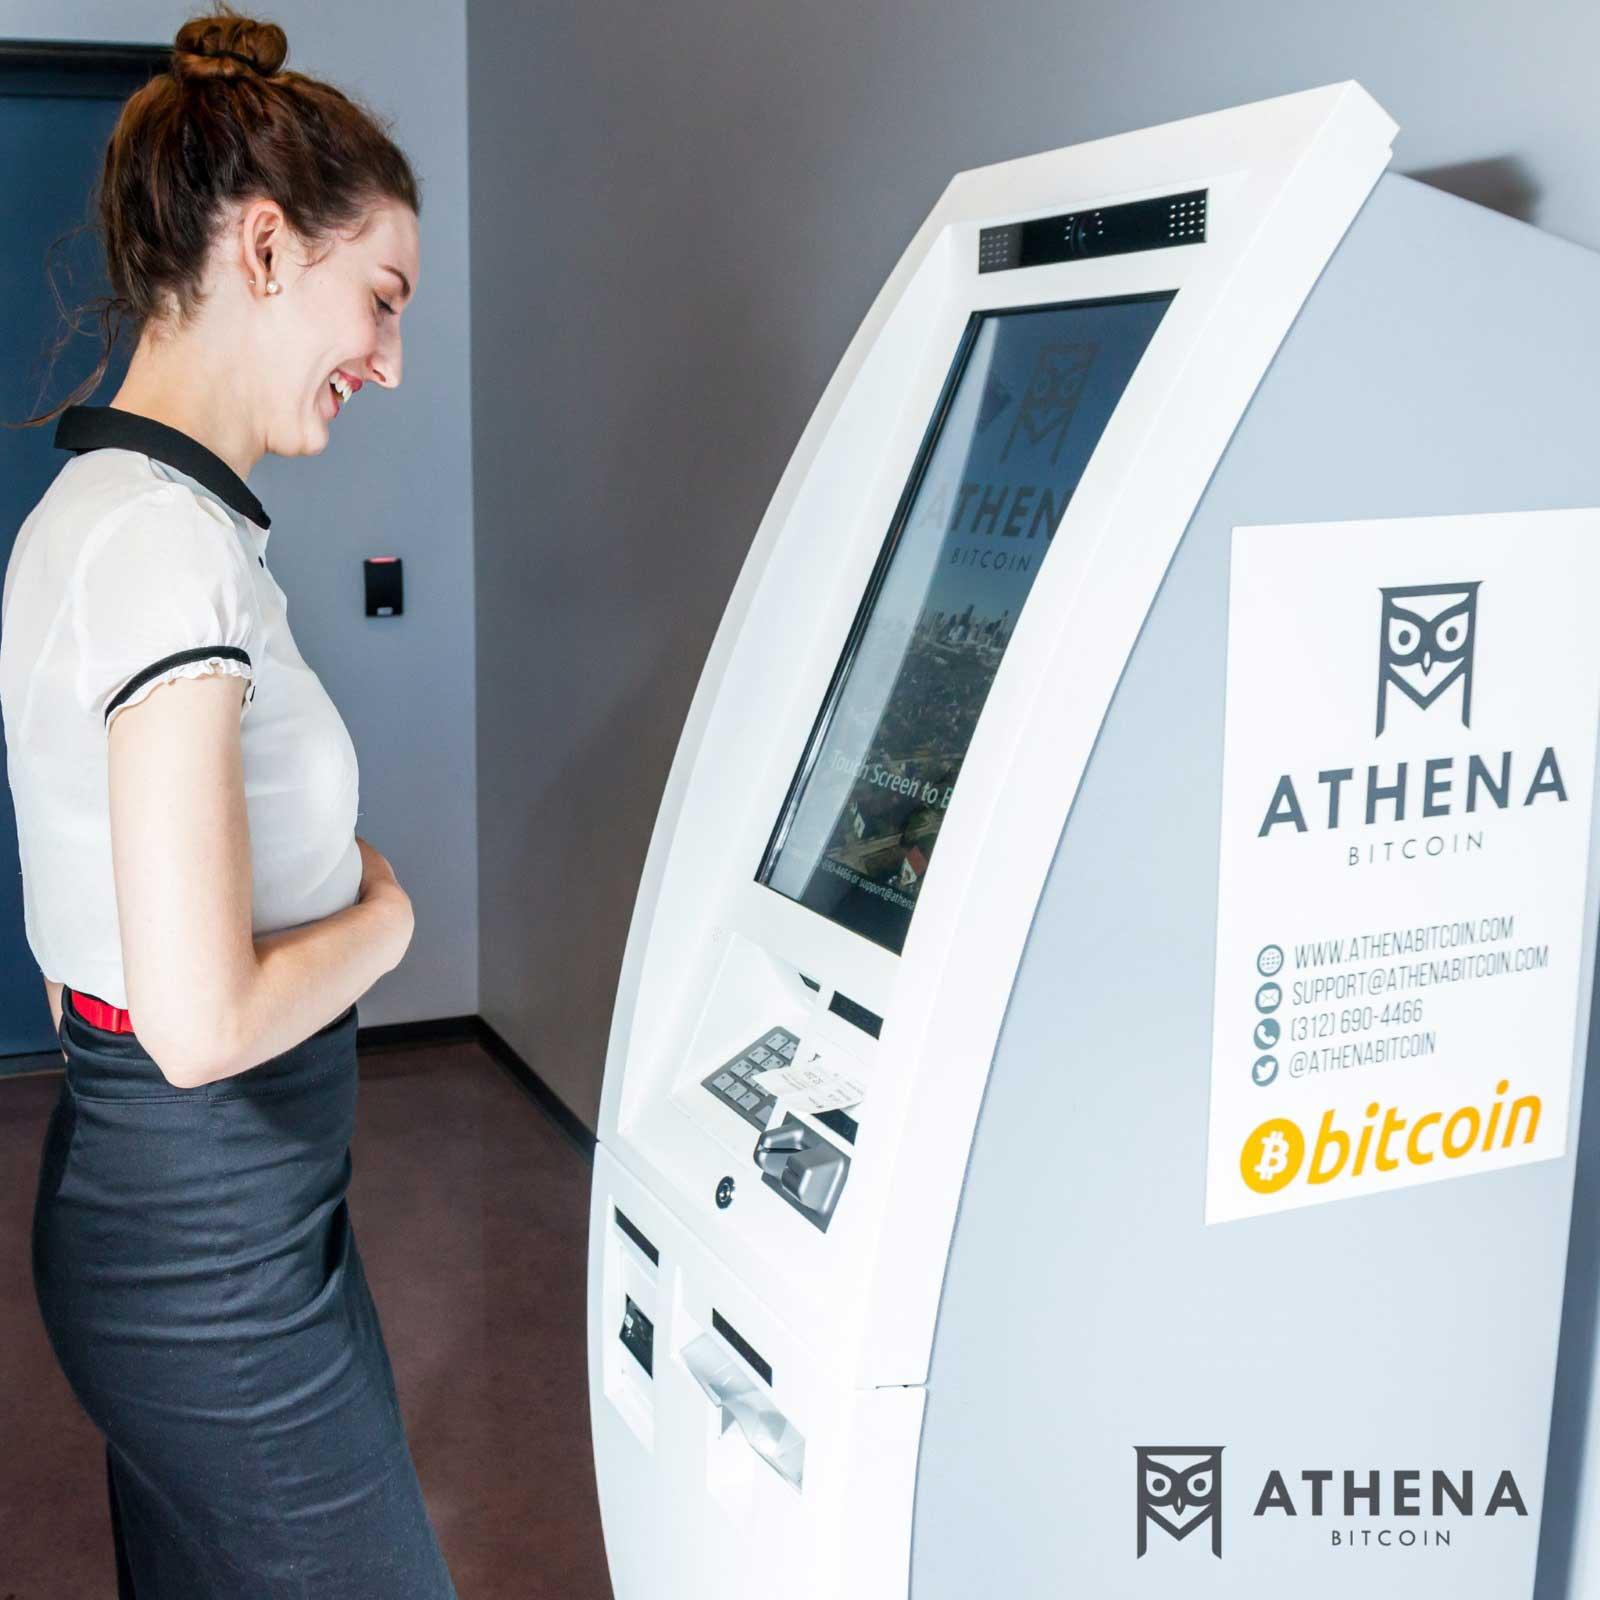 Webitcoin: Colômbia se tornou um ponto atrativo para ATMs de Bitcoin